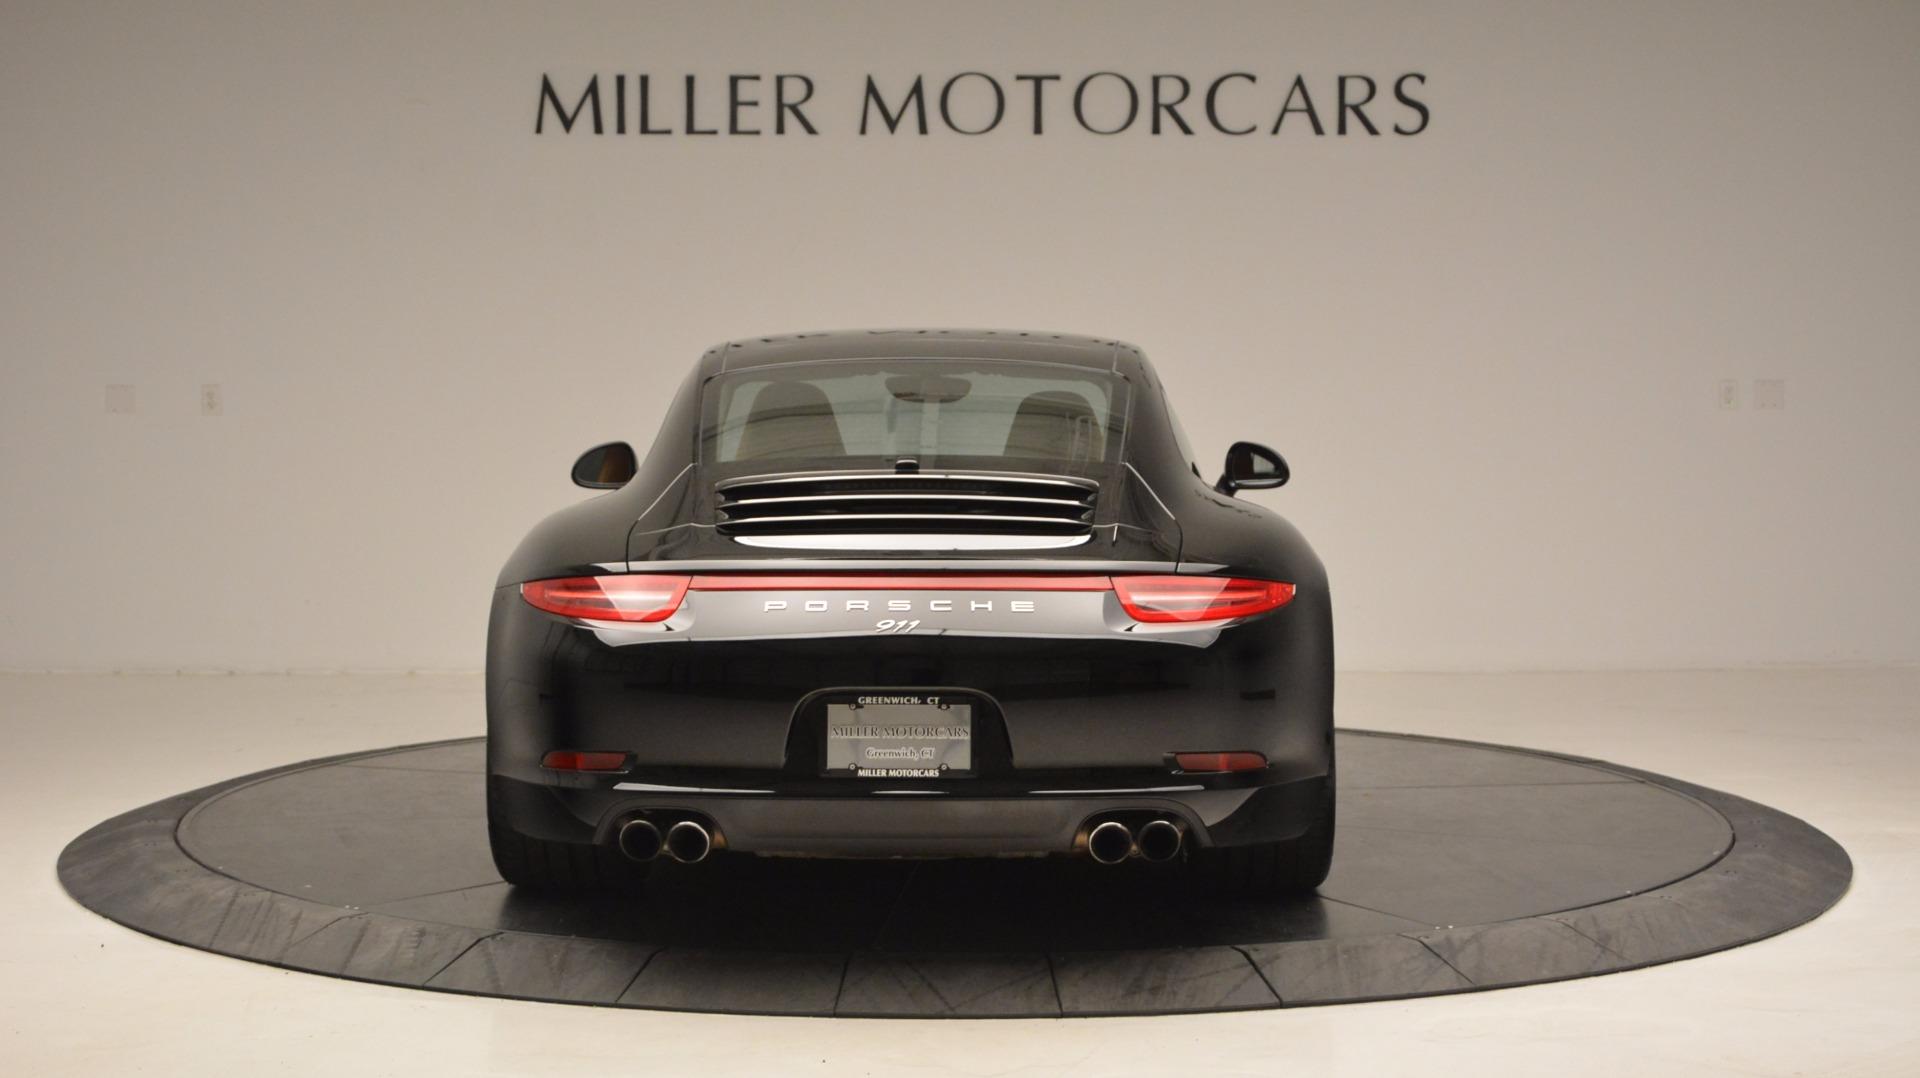 Used 2014 Porsche 911 Carrera 4S For Sale In Greenwich, CT 1076_p6